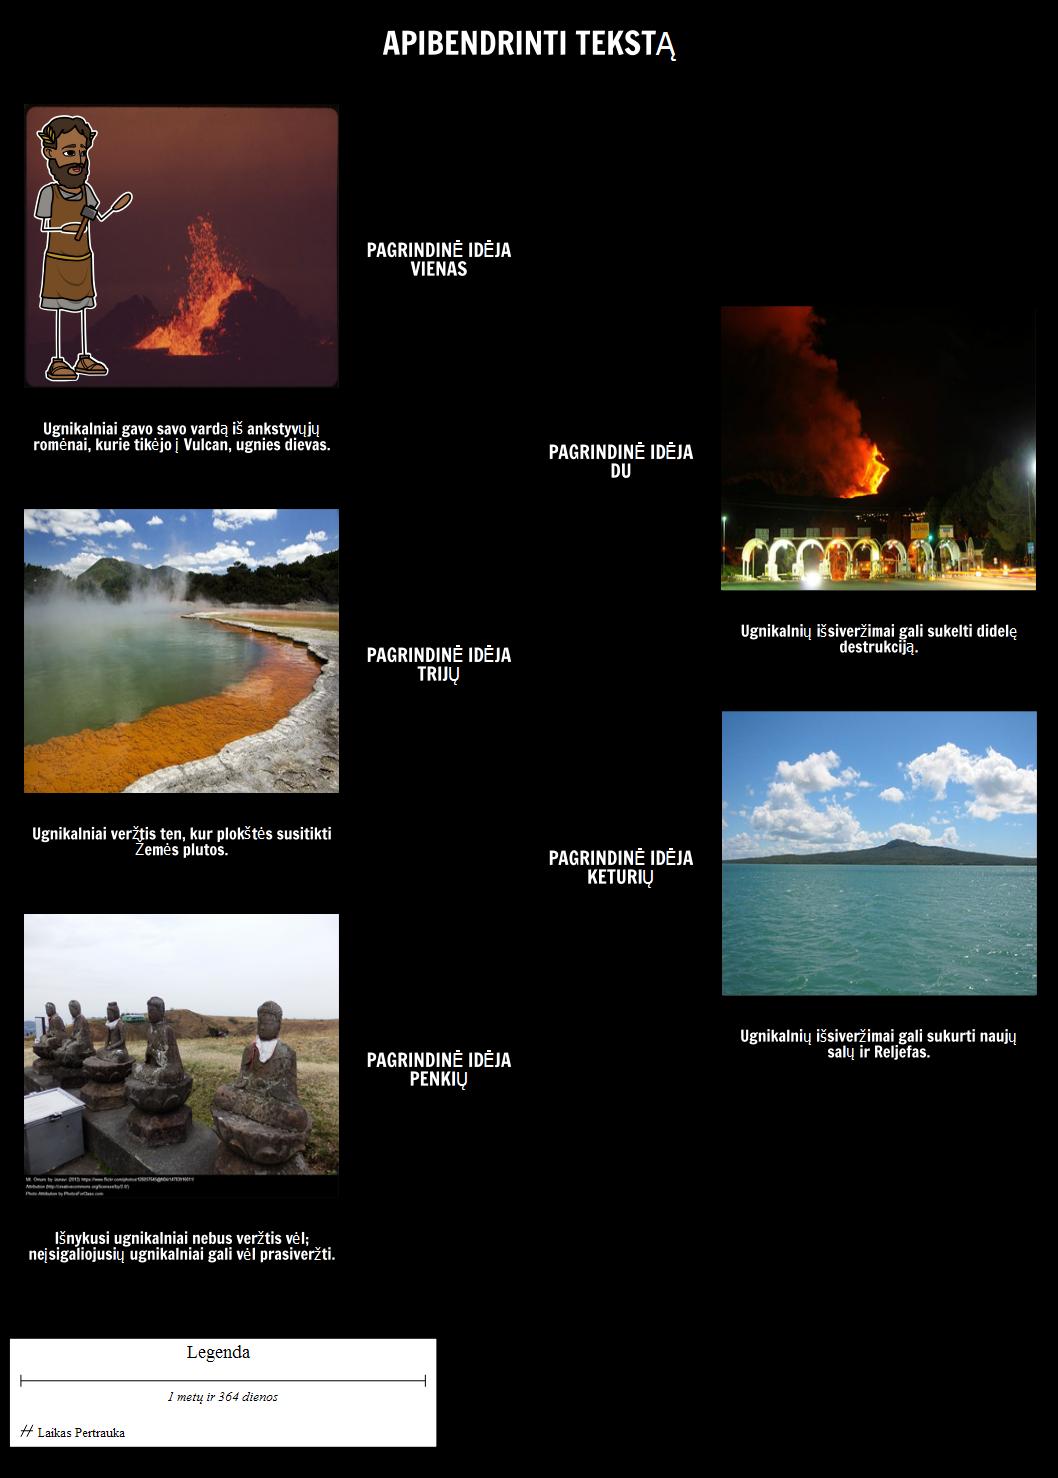 Ugnikalniai - Apibendrinkite Tekstas